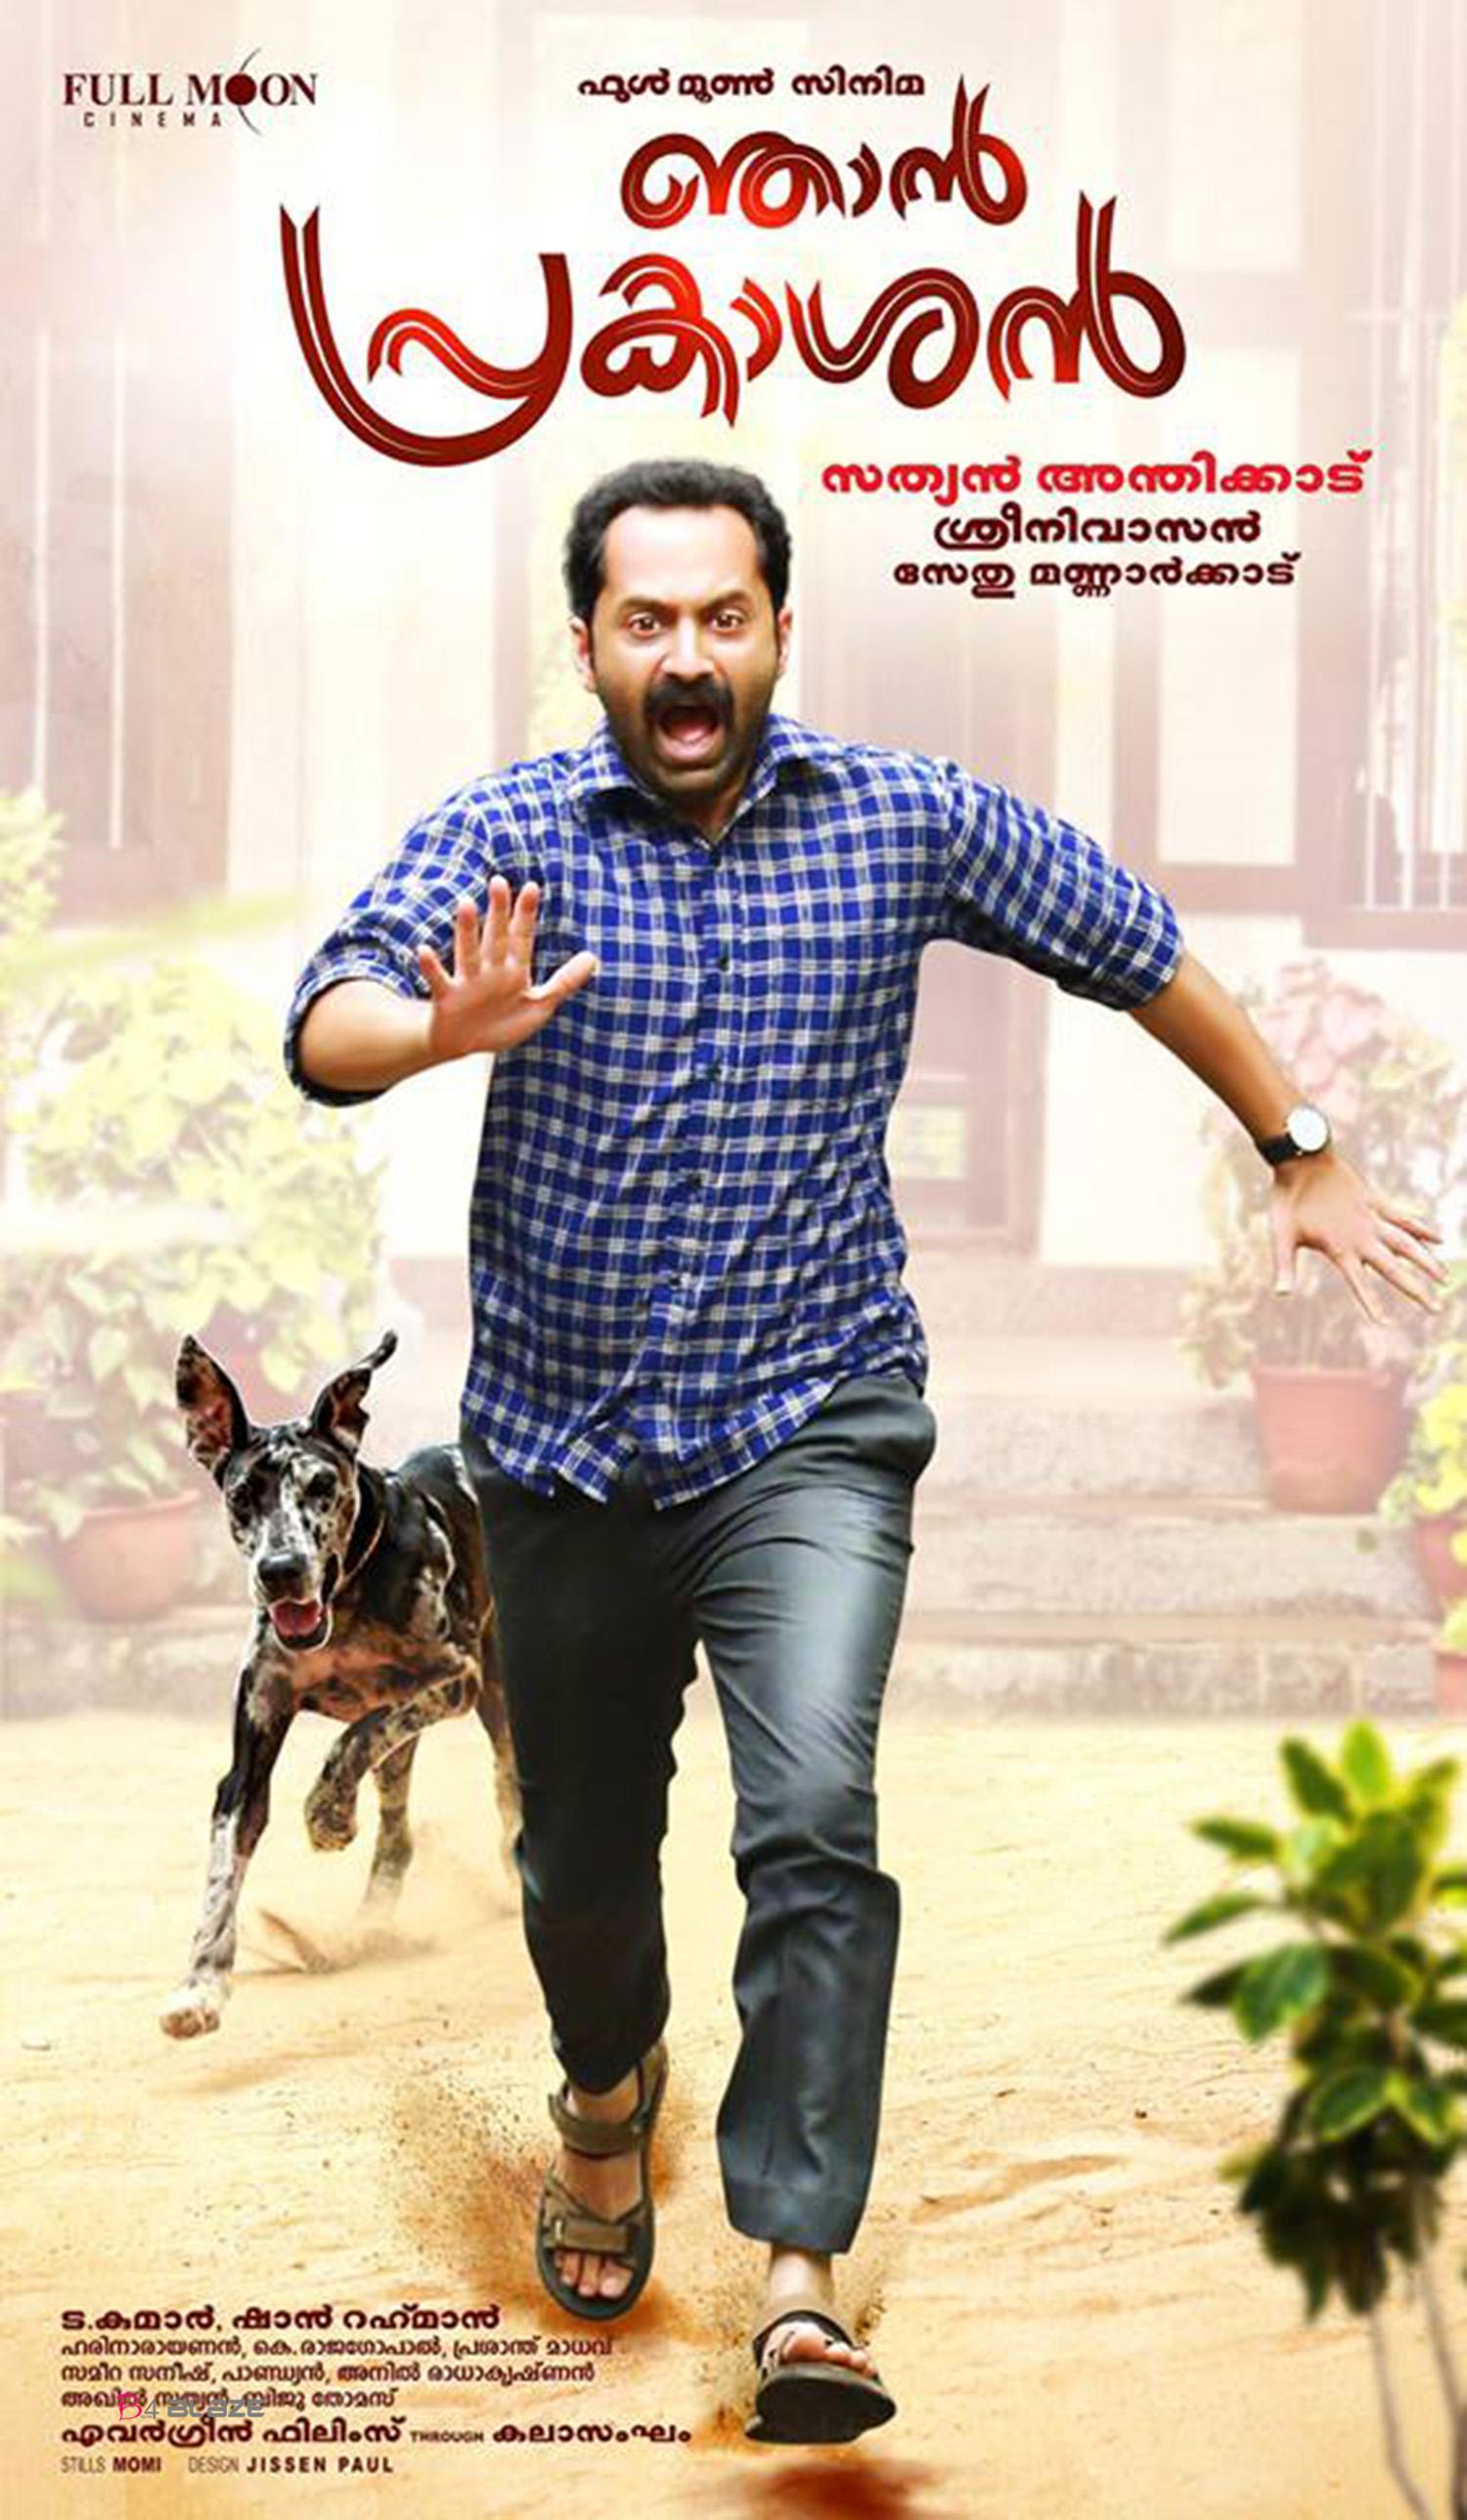 new poster of Fahadh Faasil's 'Njan Prakashan'